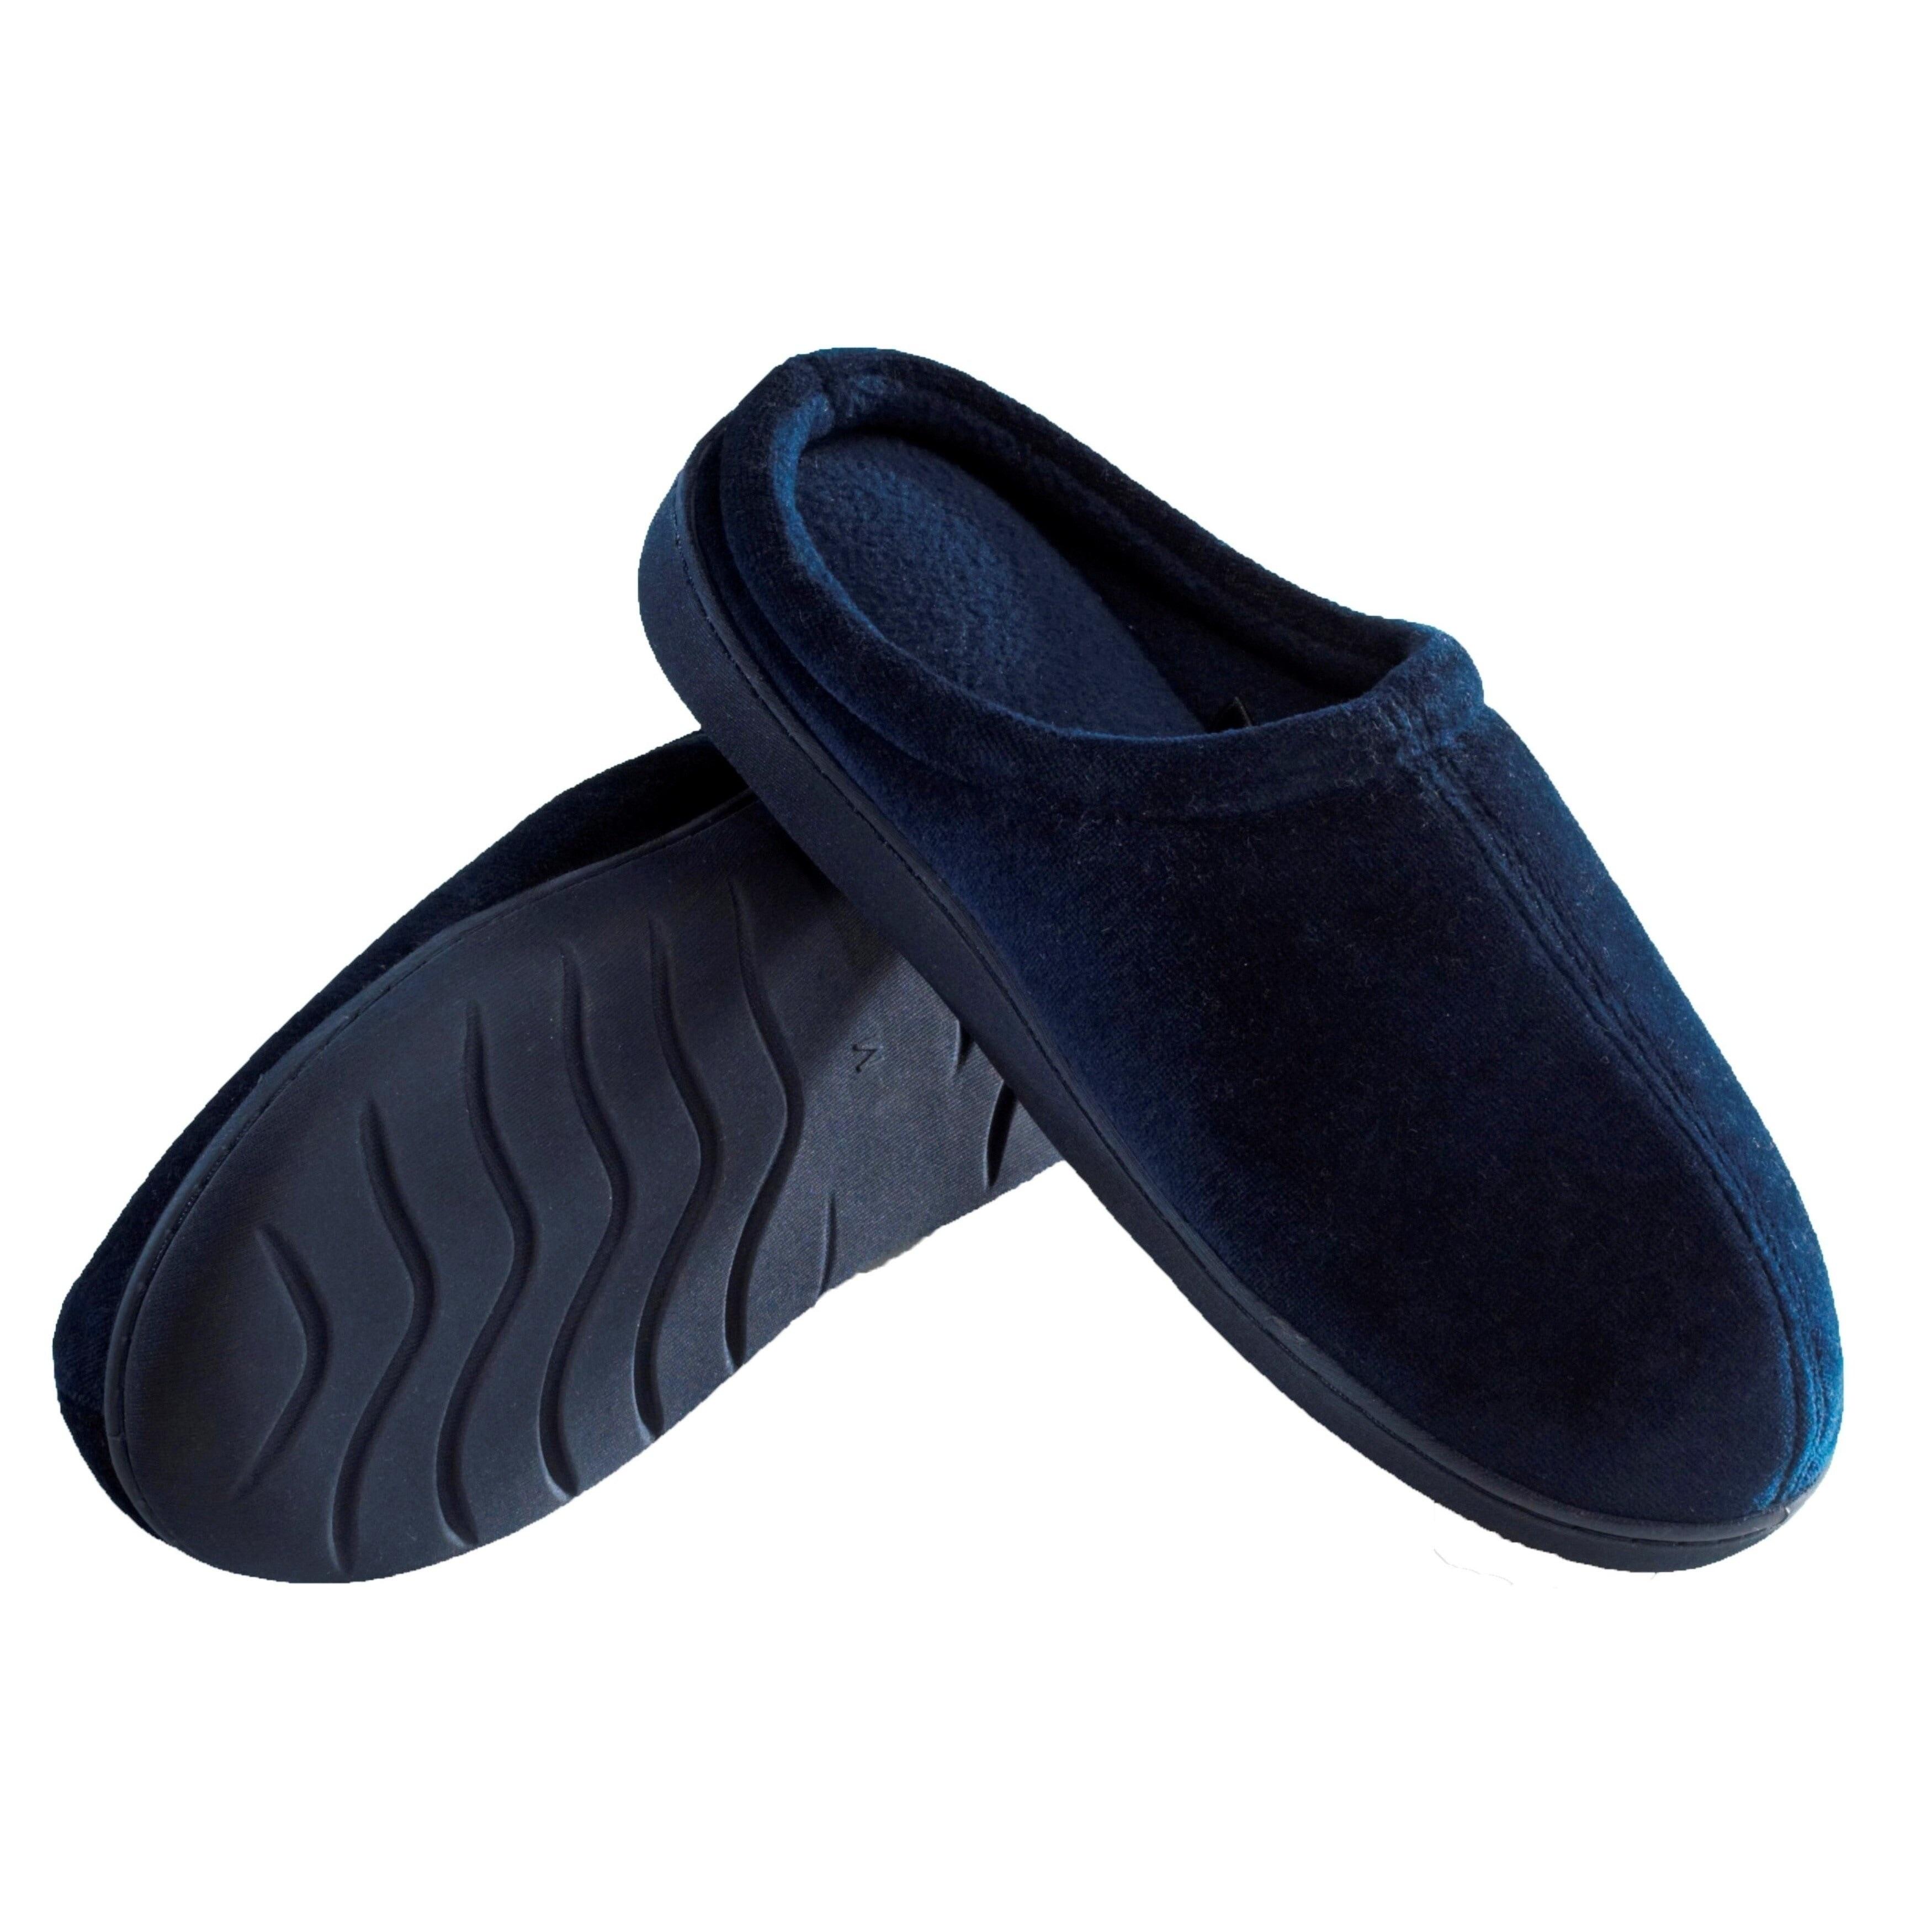 SPACEREST Mens Comfort Memory Foam Slippers Slip On House Slippers